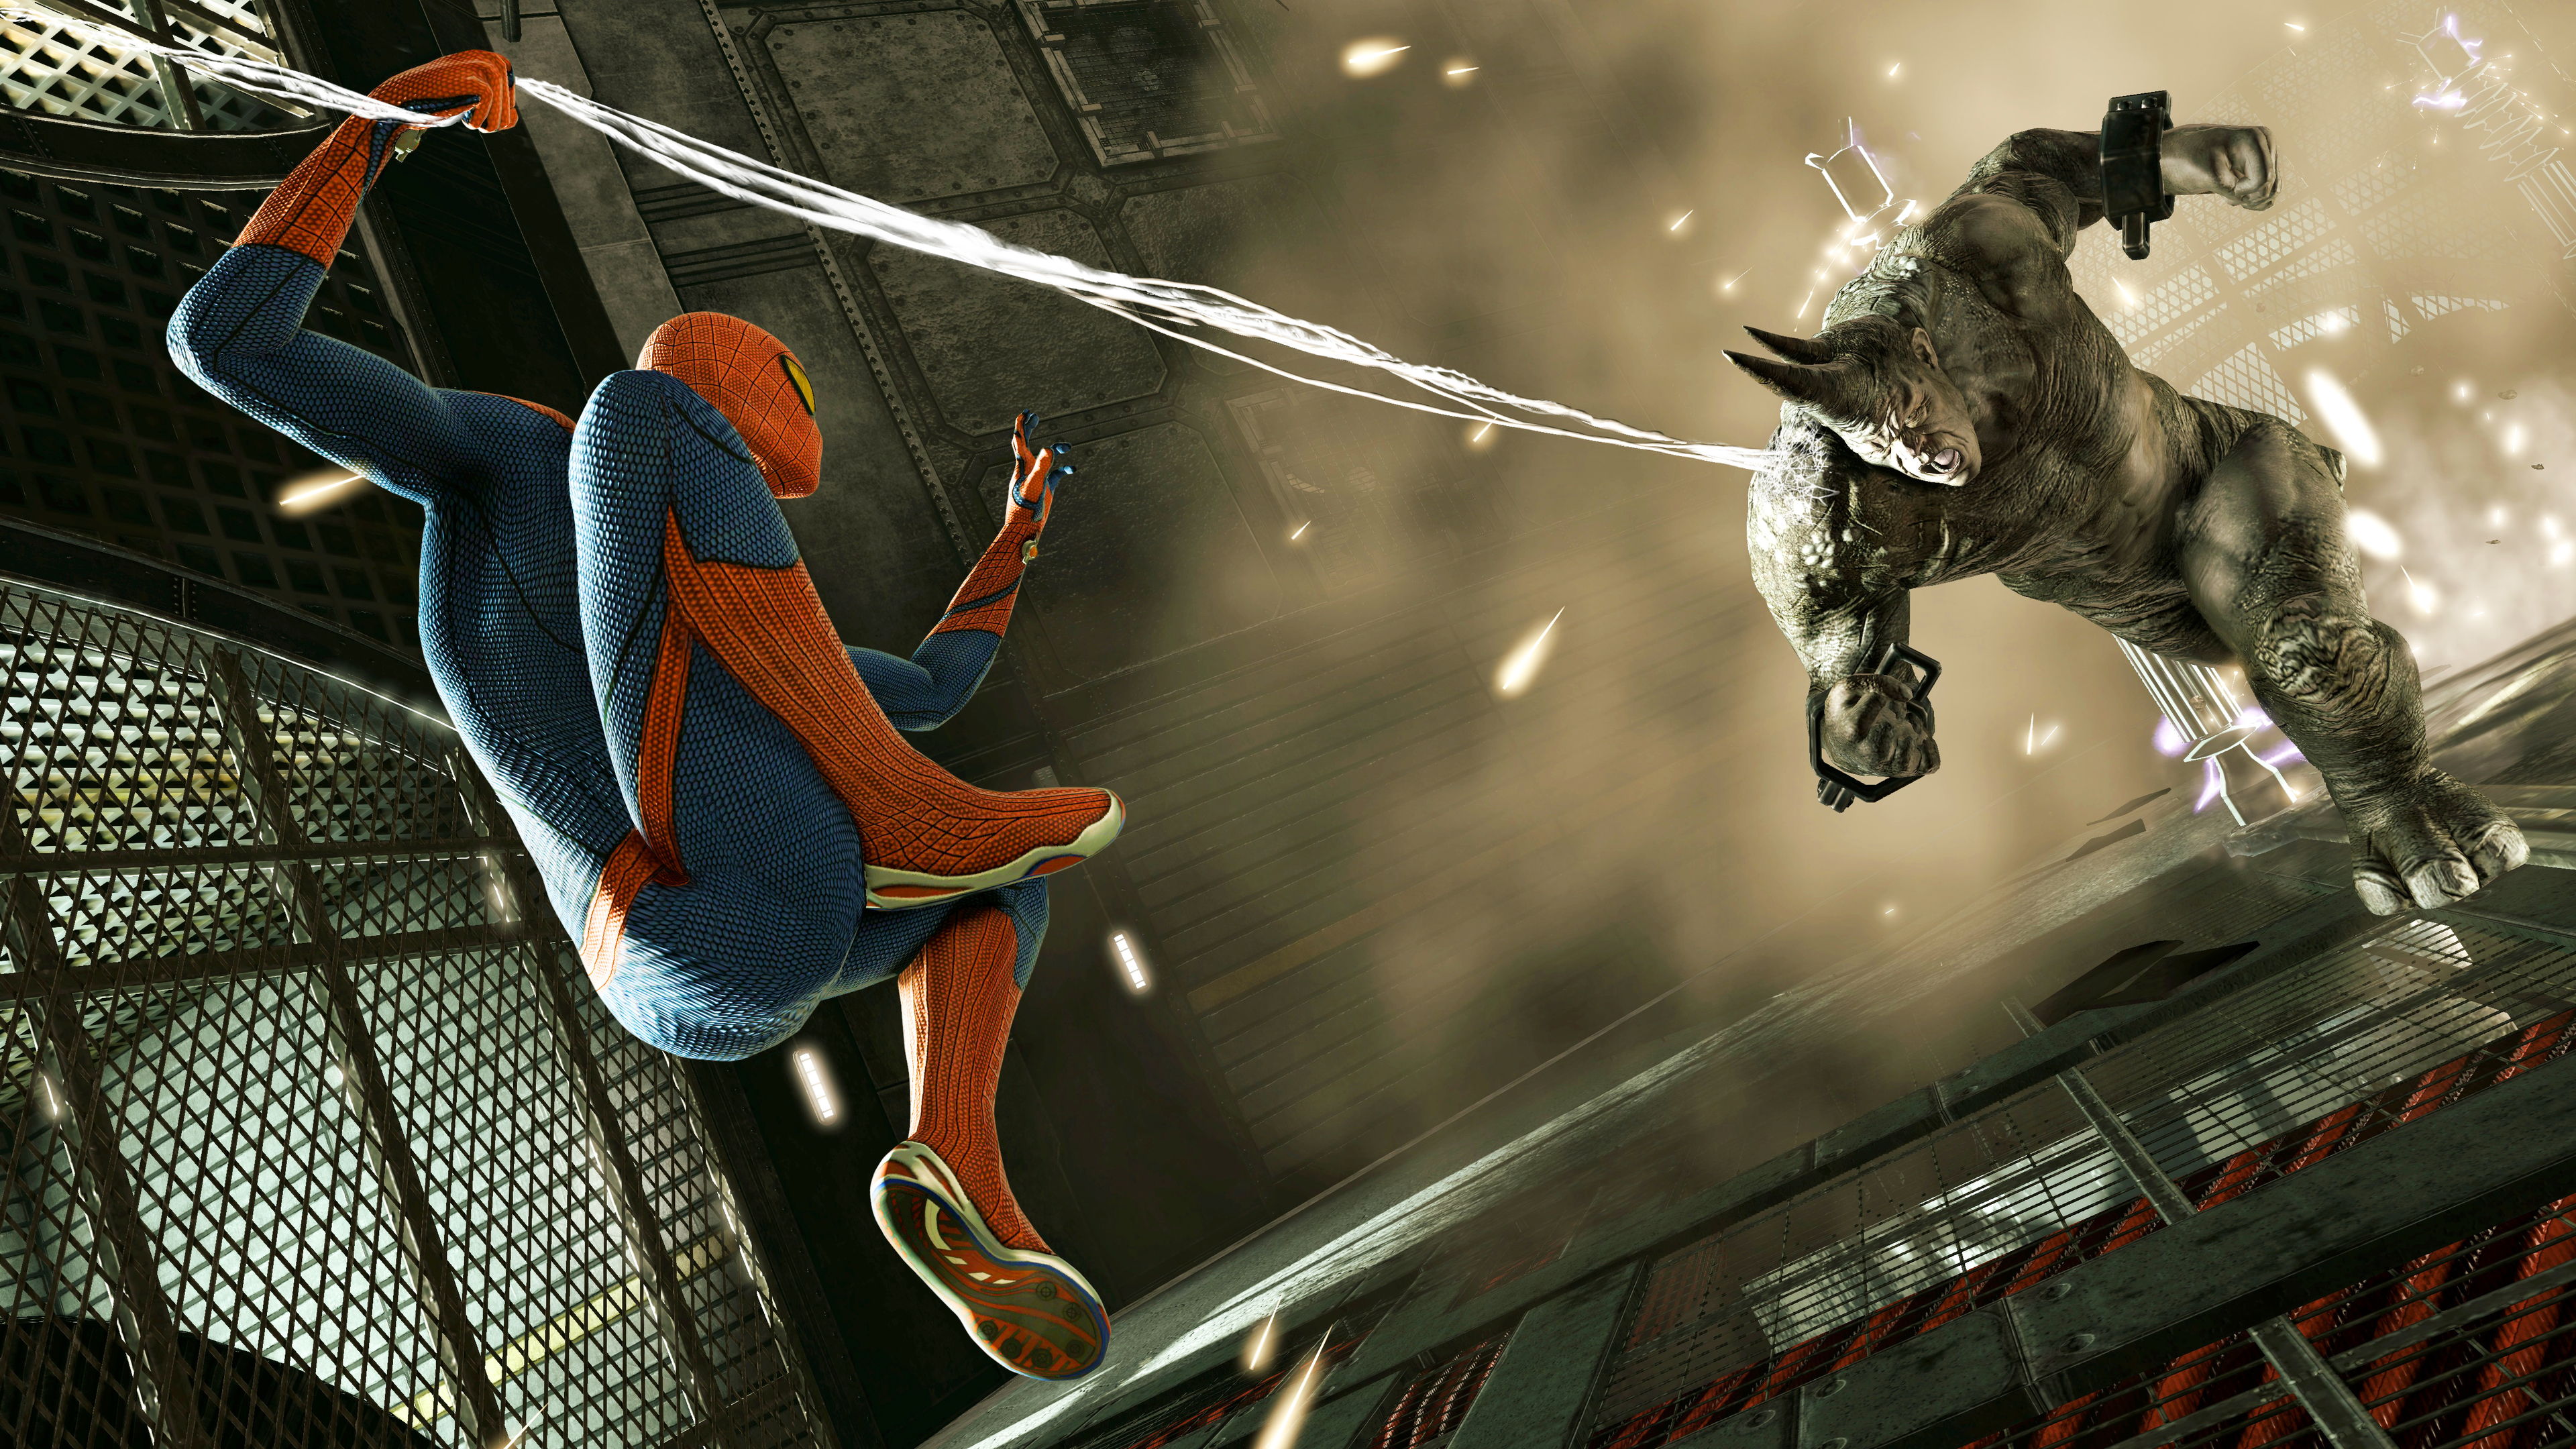 spiderman and rhino 1536522612 - Spiderman And Rhino - superheroes wallpapers, spiderman wallpapers, rhino wallpapers, hd-wallpapers, games wallpapers, 5k wallpapers, 4k-wallpapers